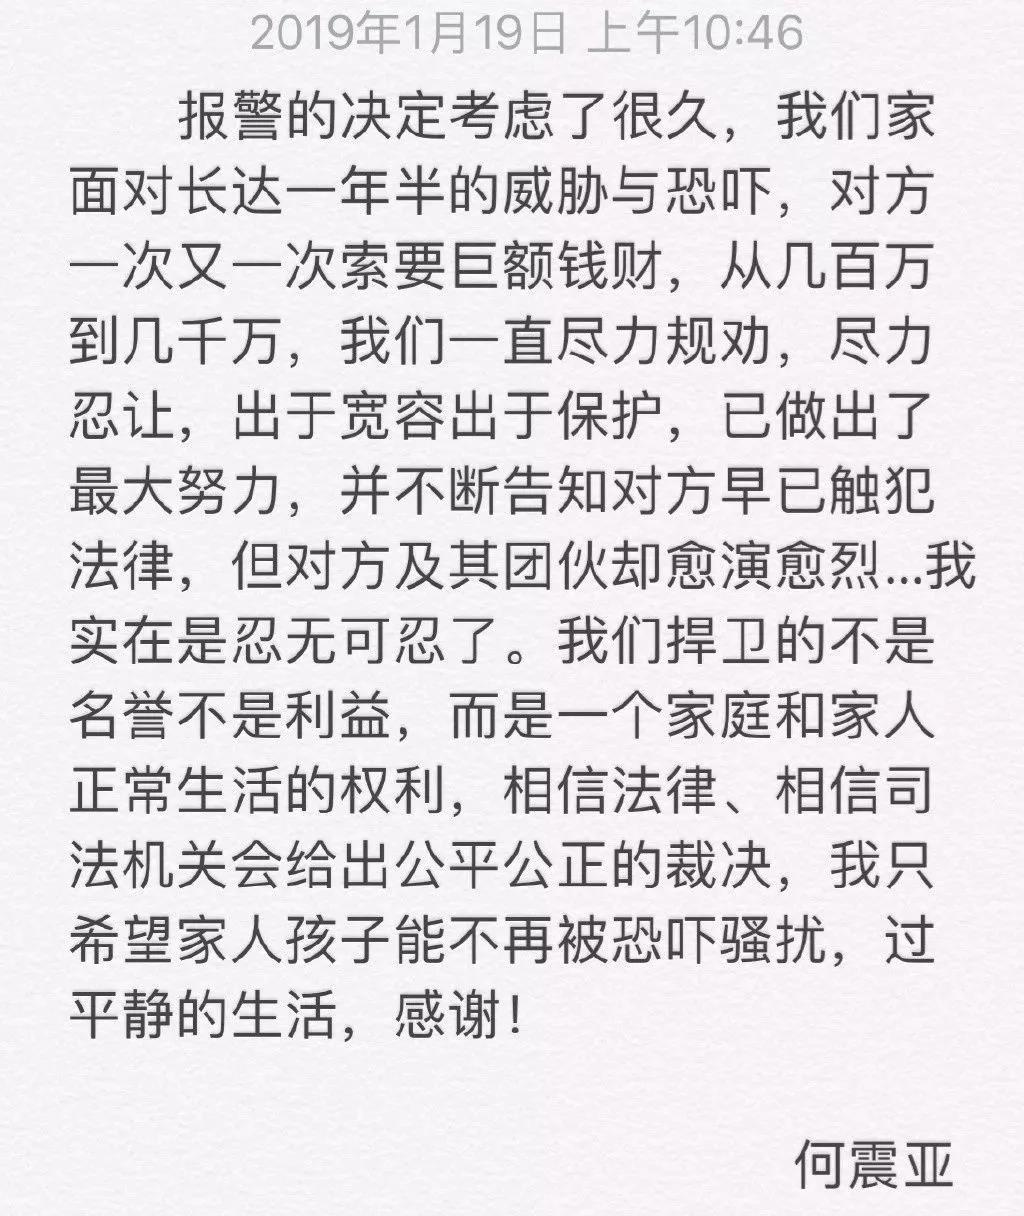 关不羽:男渣女贱!吴秀波出轨事件的经济学分析